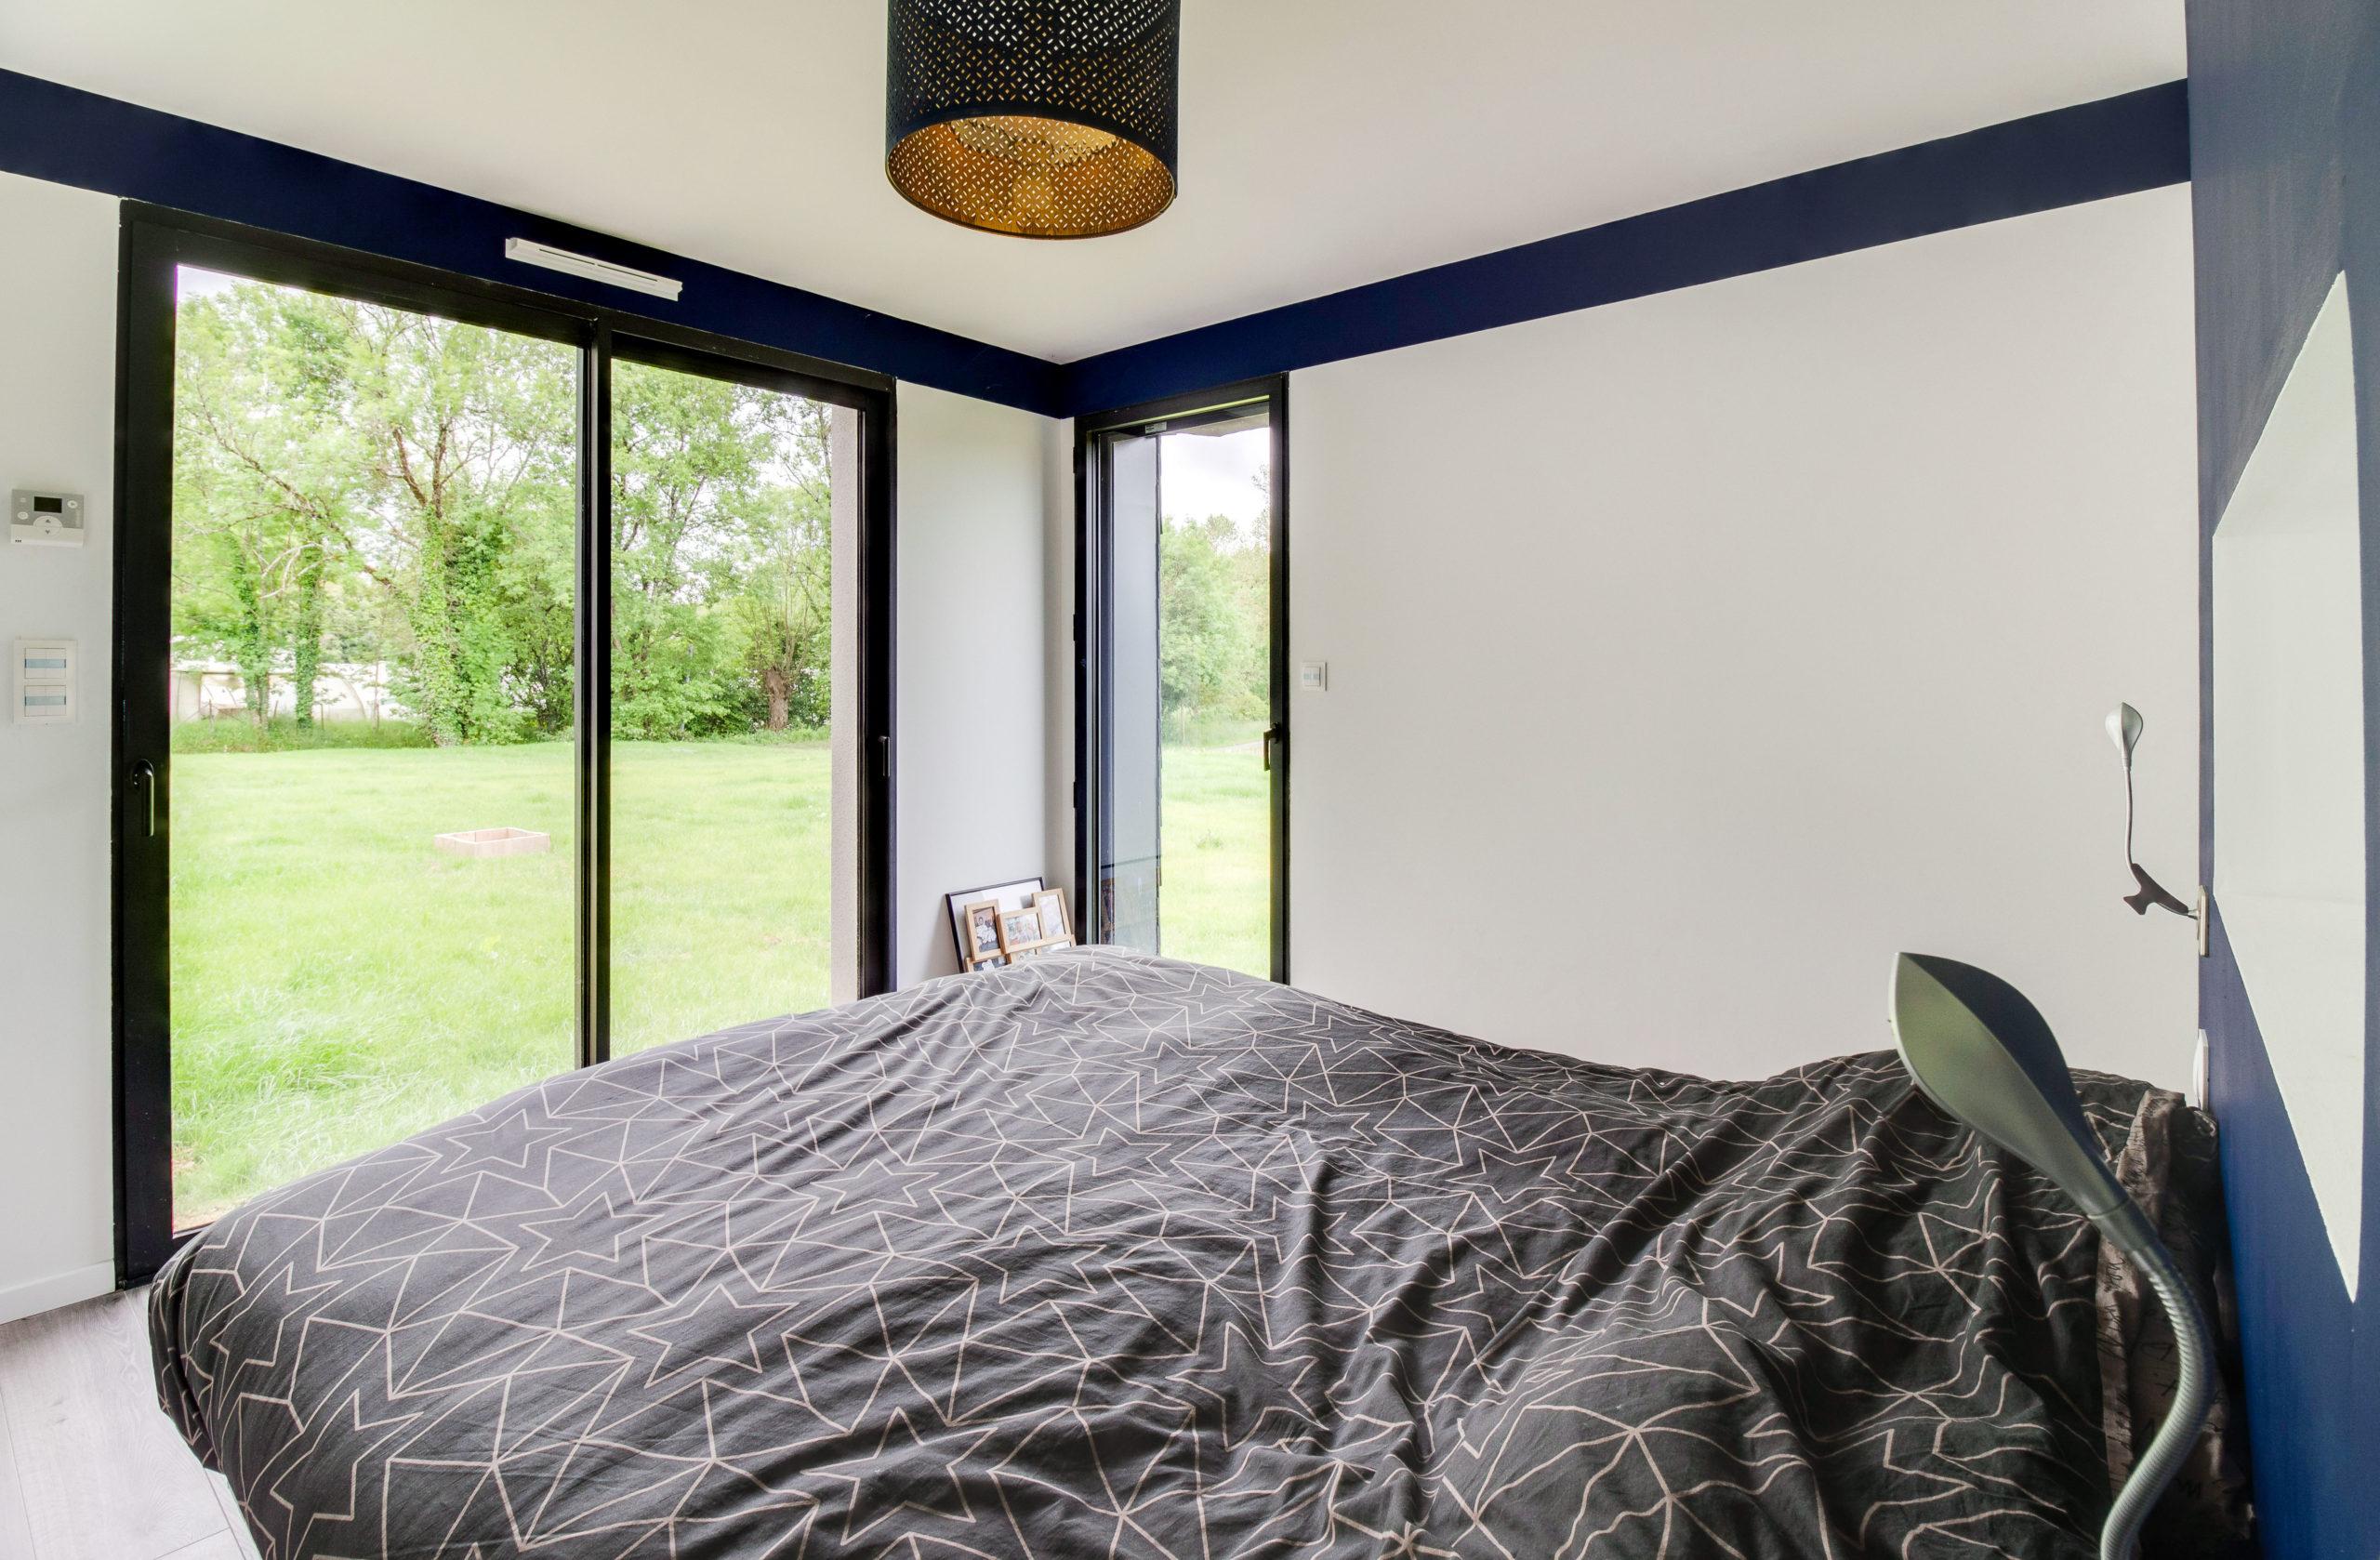 Atelier-Plurielles-architectures-construction-maison-Bearn-fenetre chambre